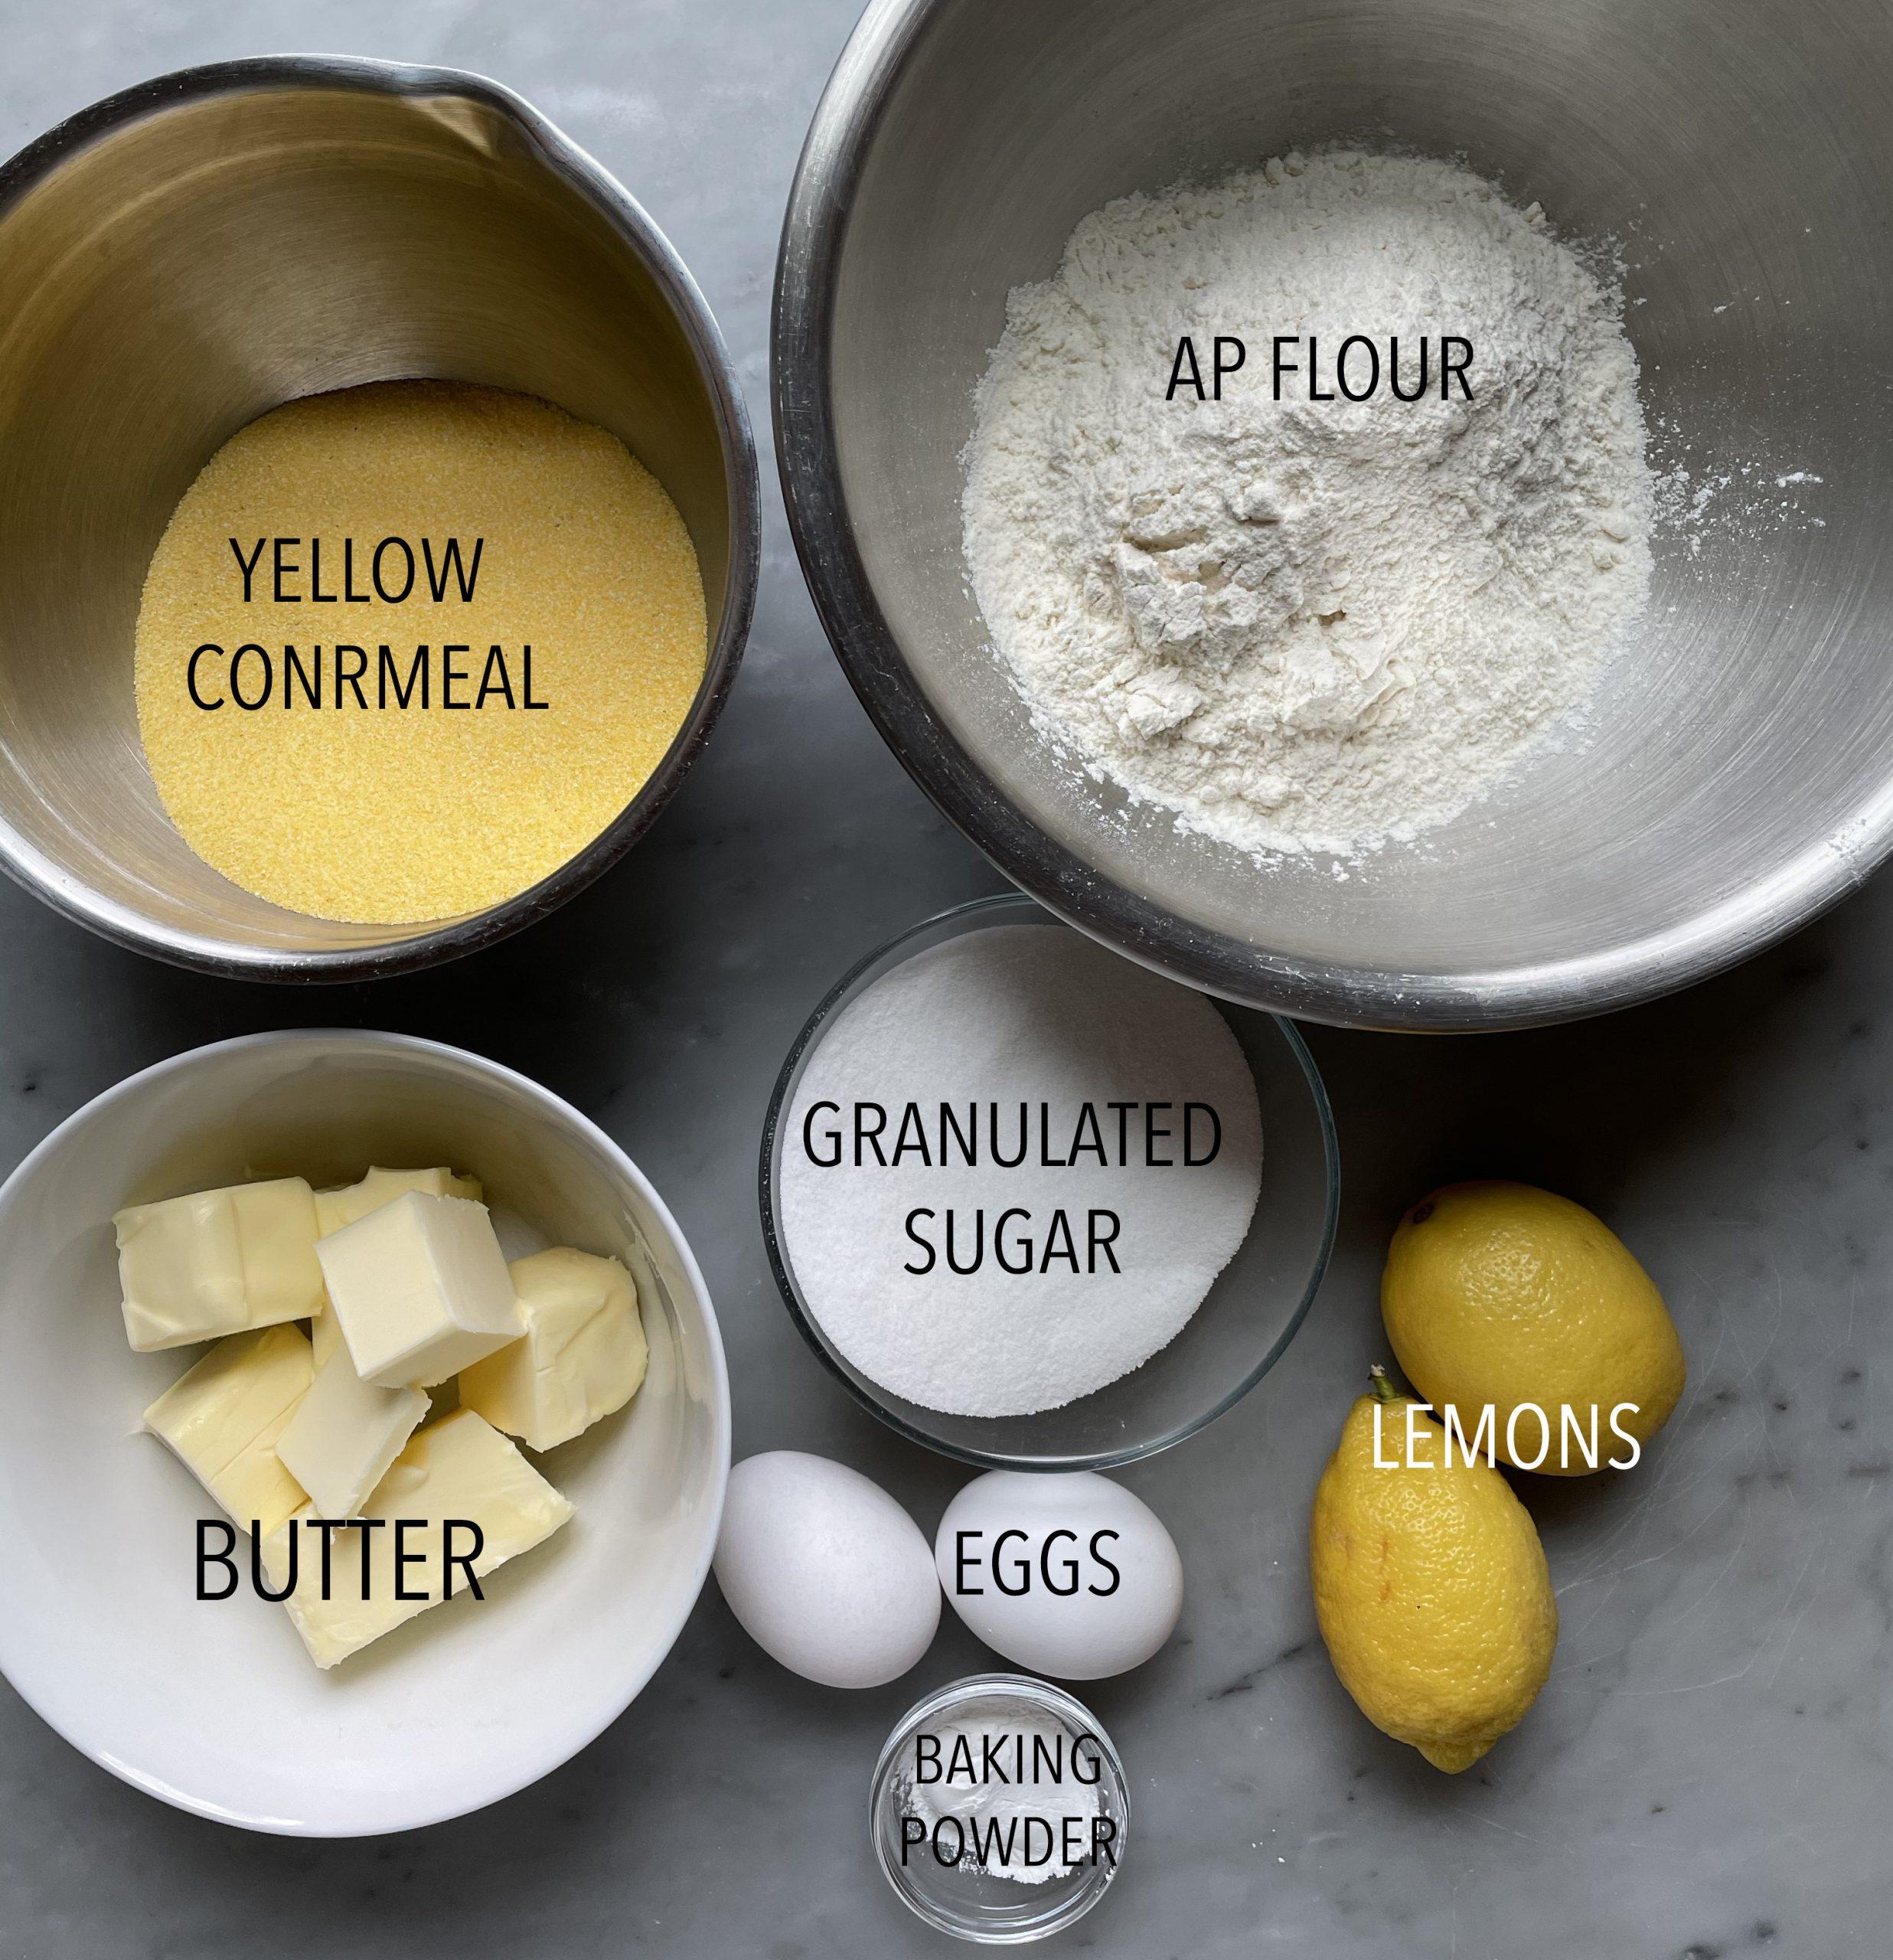 Image of Zitronen Ringe Ingredients